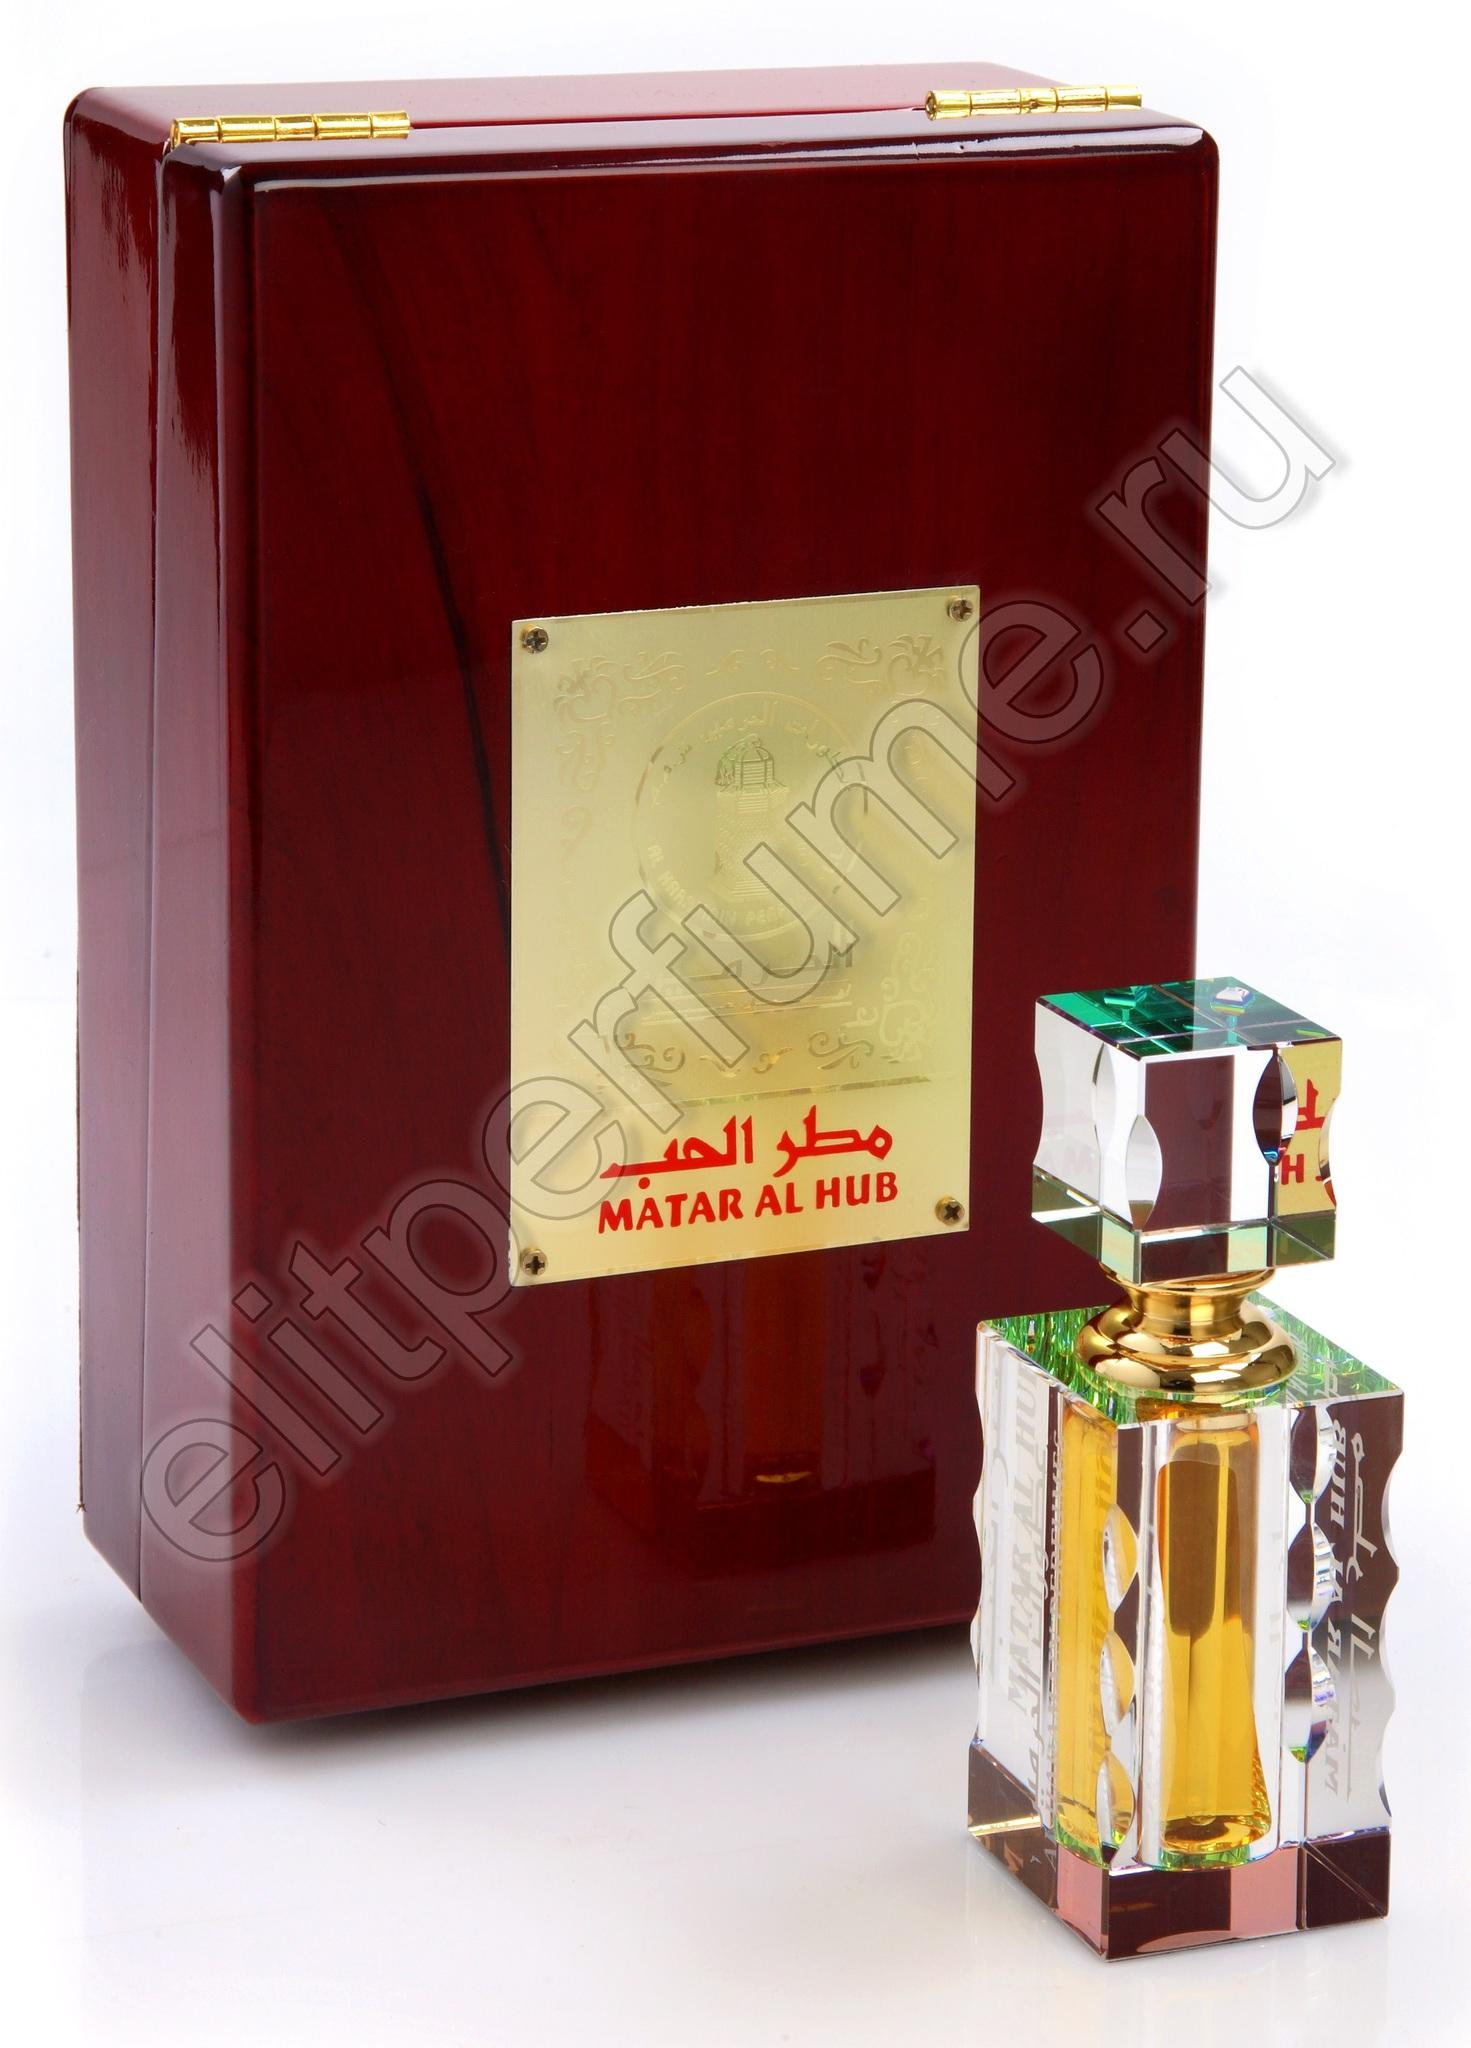 Матар Аль Хуб /  Matar Al Hub 12 мл арабские масляные духи от Аль Харамайн Al Haramain Perfumes